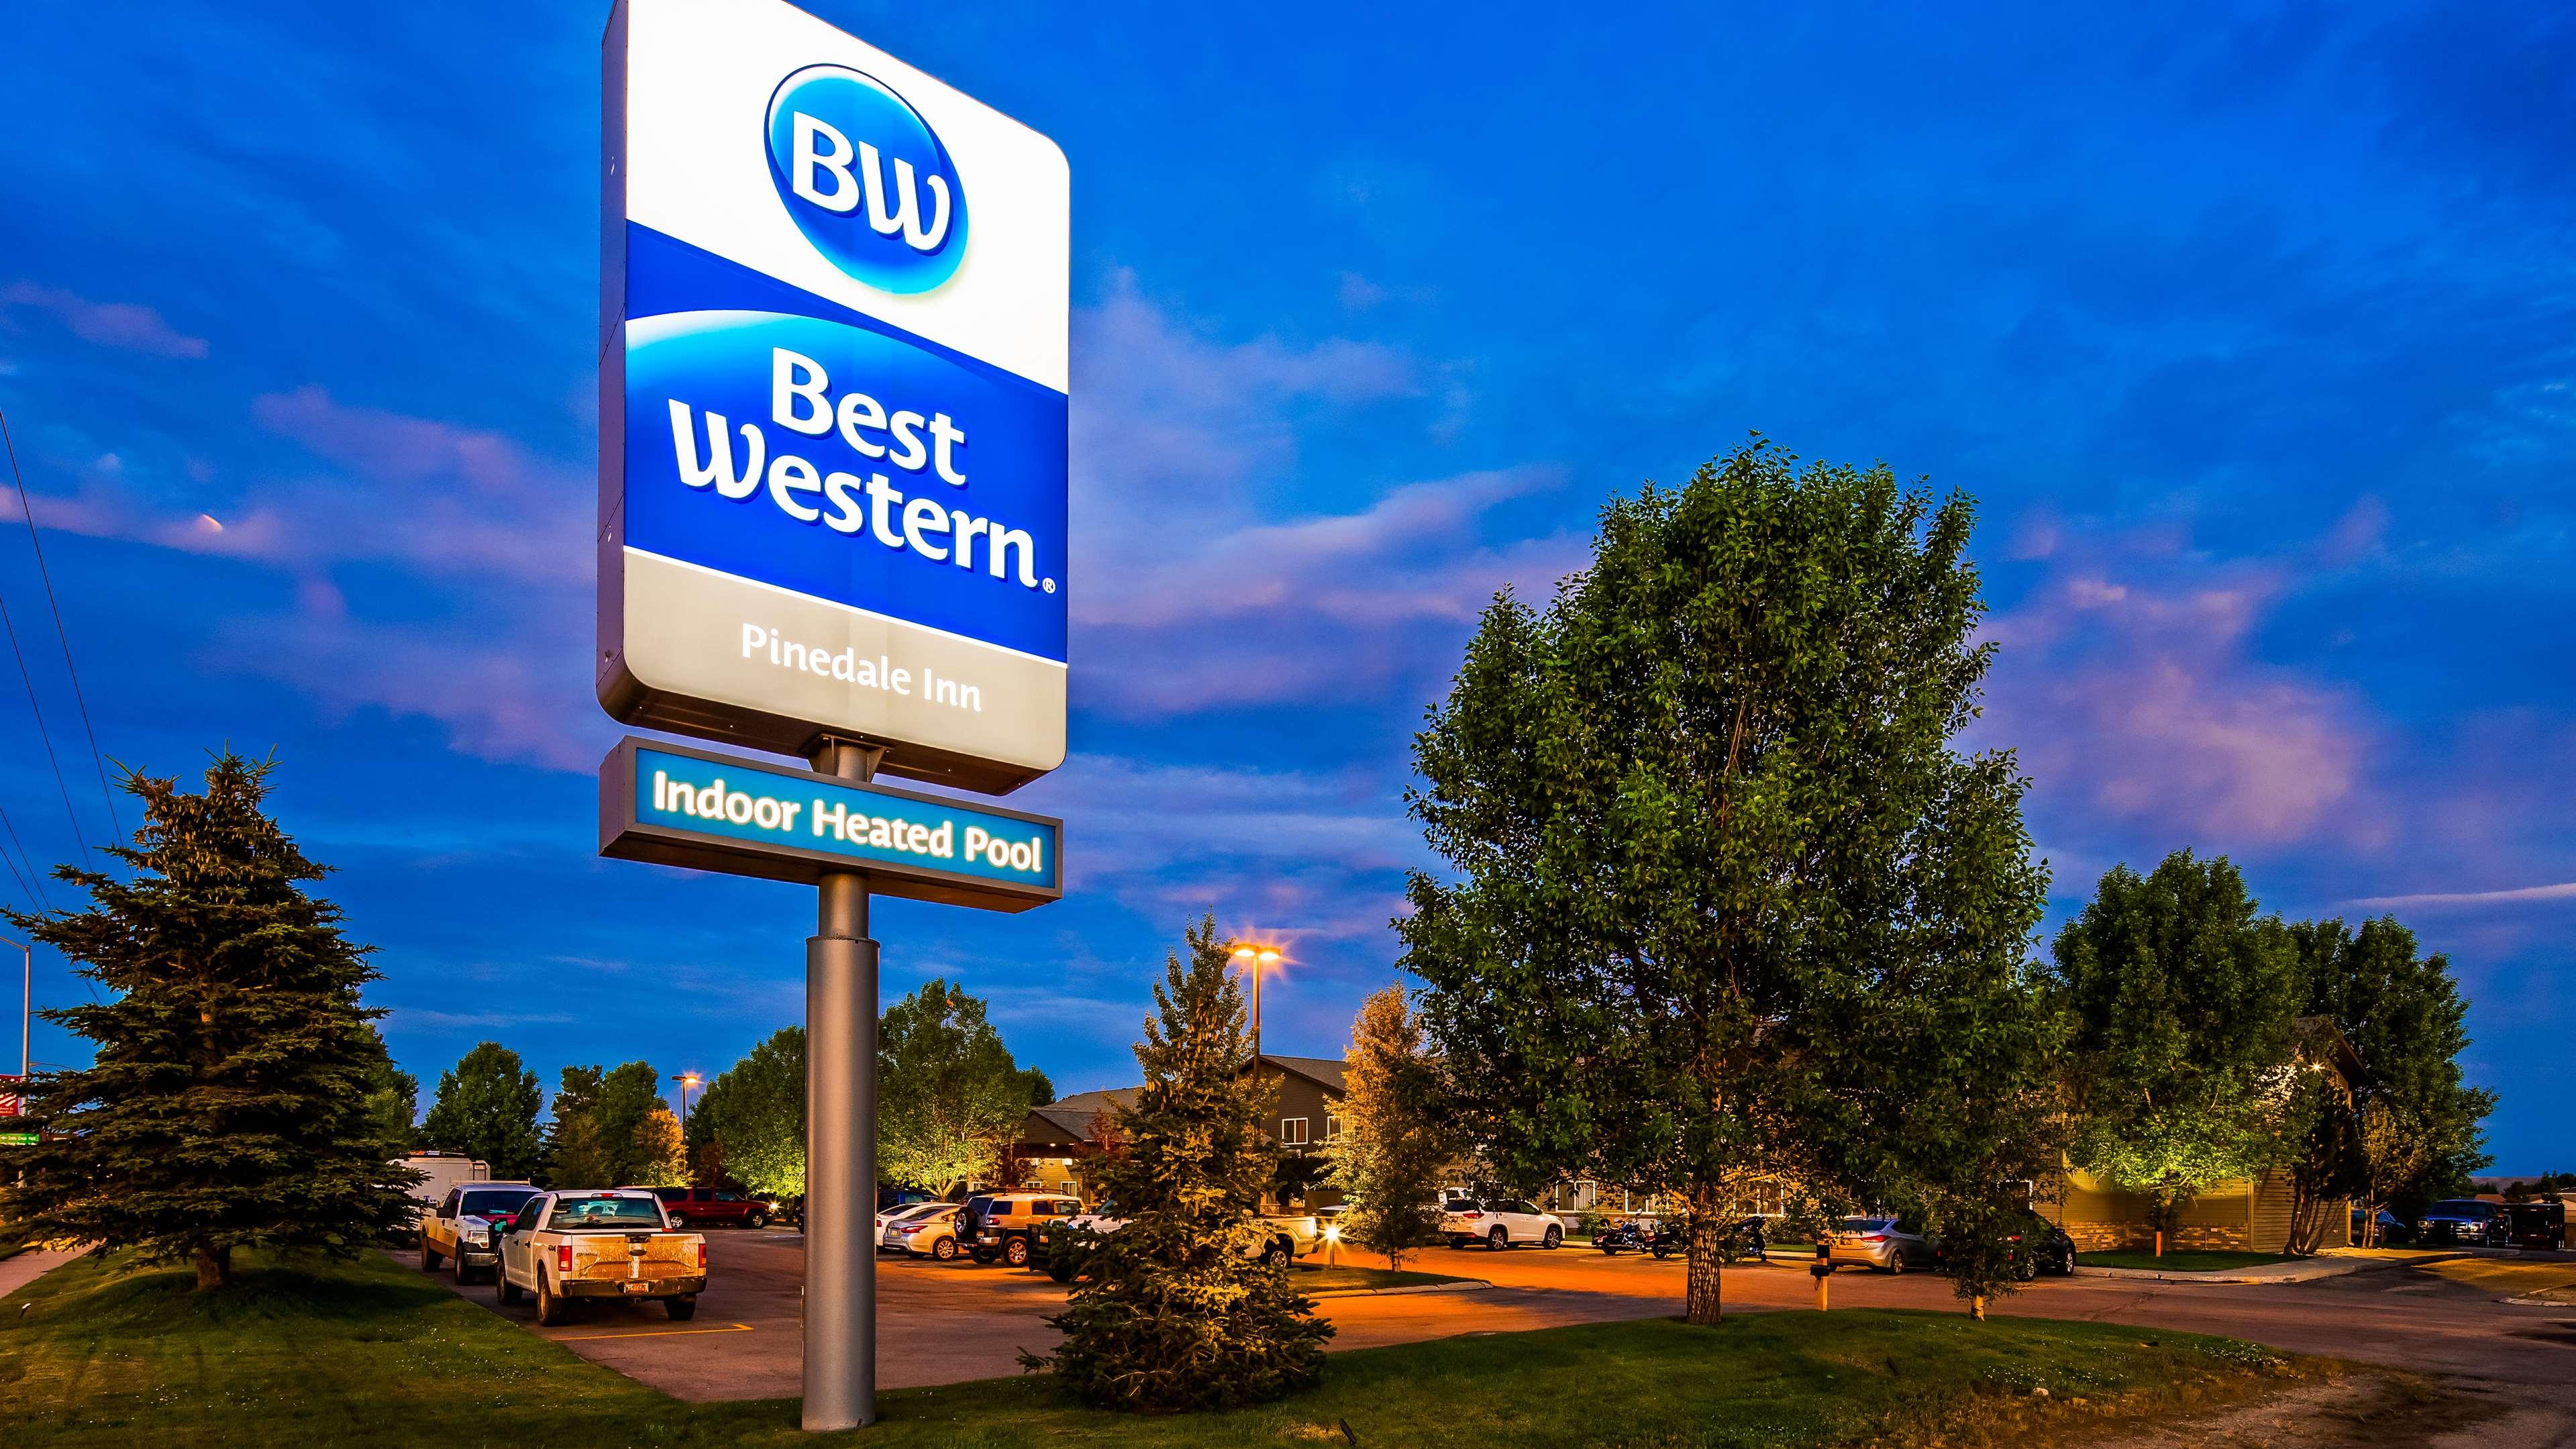 Best Western Pinedale Inn image 0